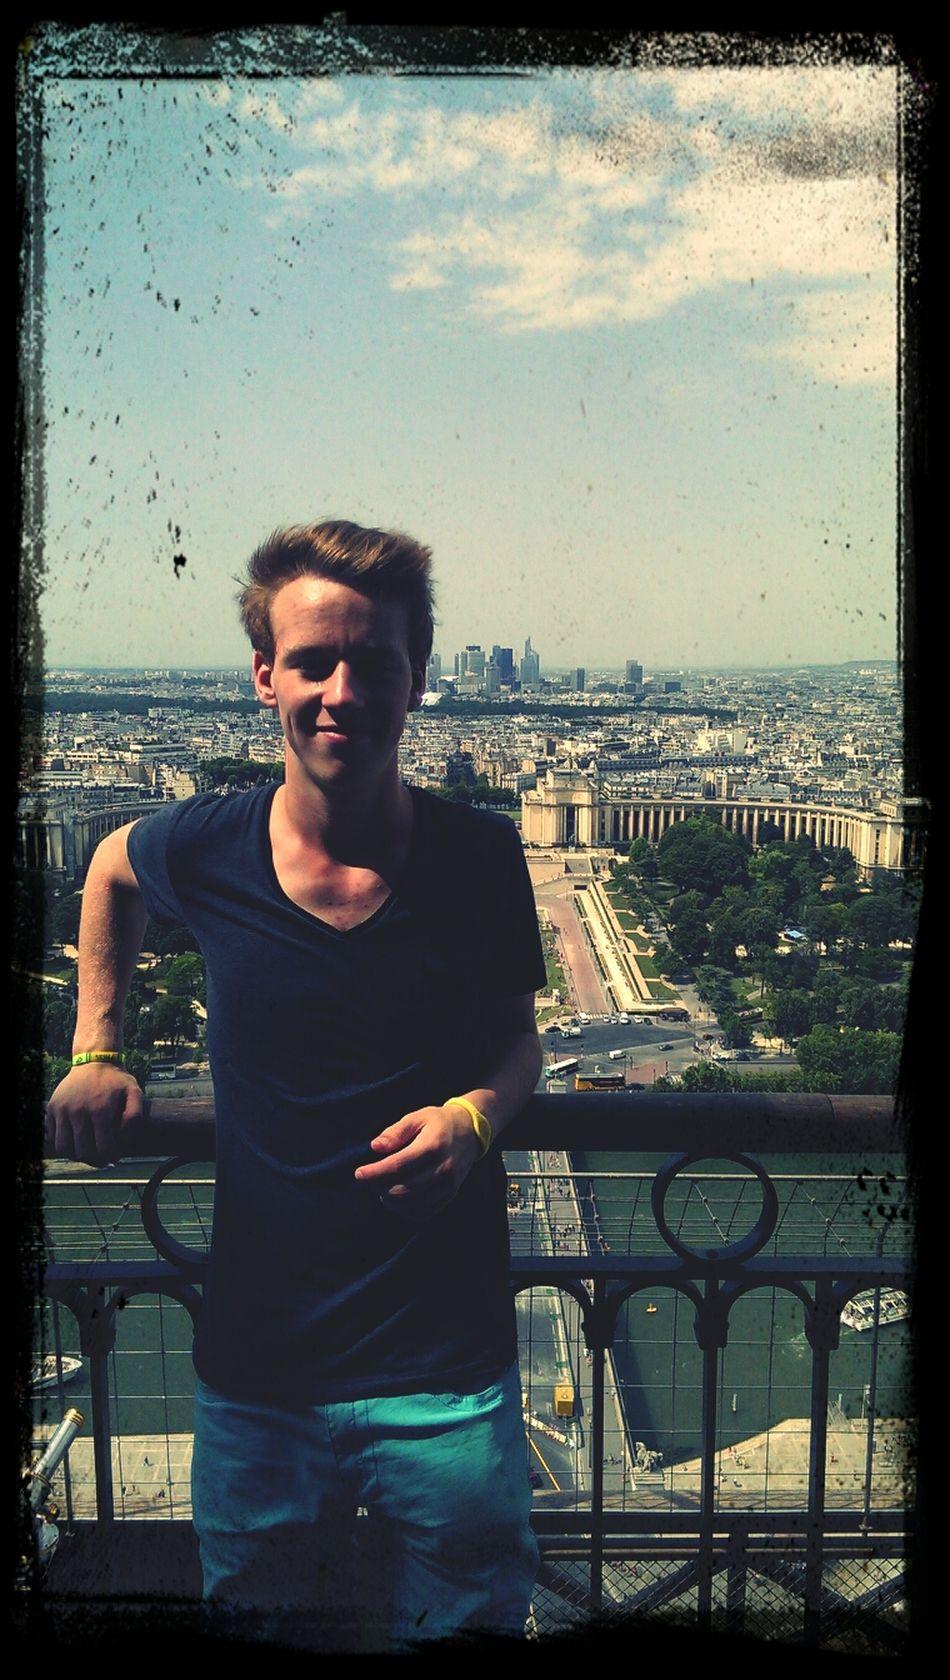 Urlaub 2013 in Paris Taking Photos